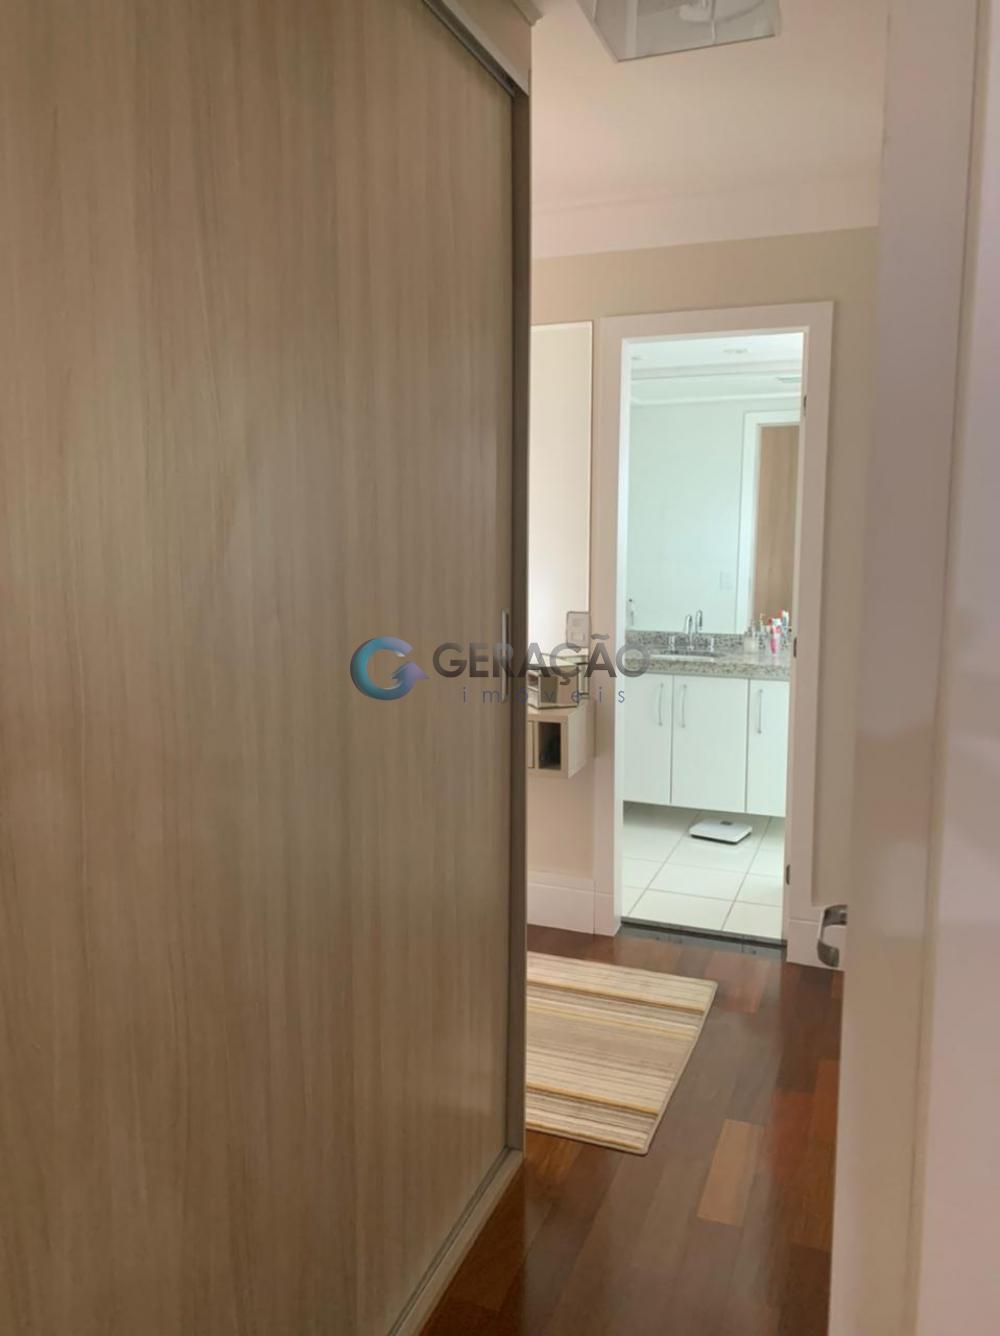 Comprar Apartamento / Padrão em São José dos Campos apenas R$ 1.050.000,00 - Foto 23